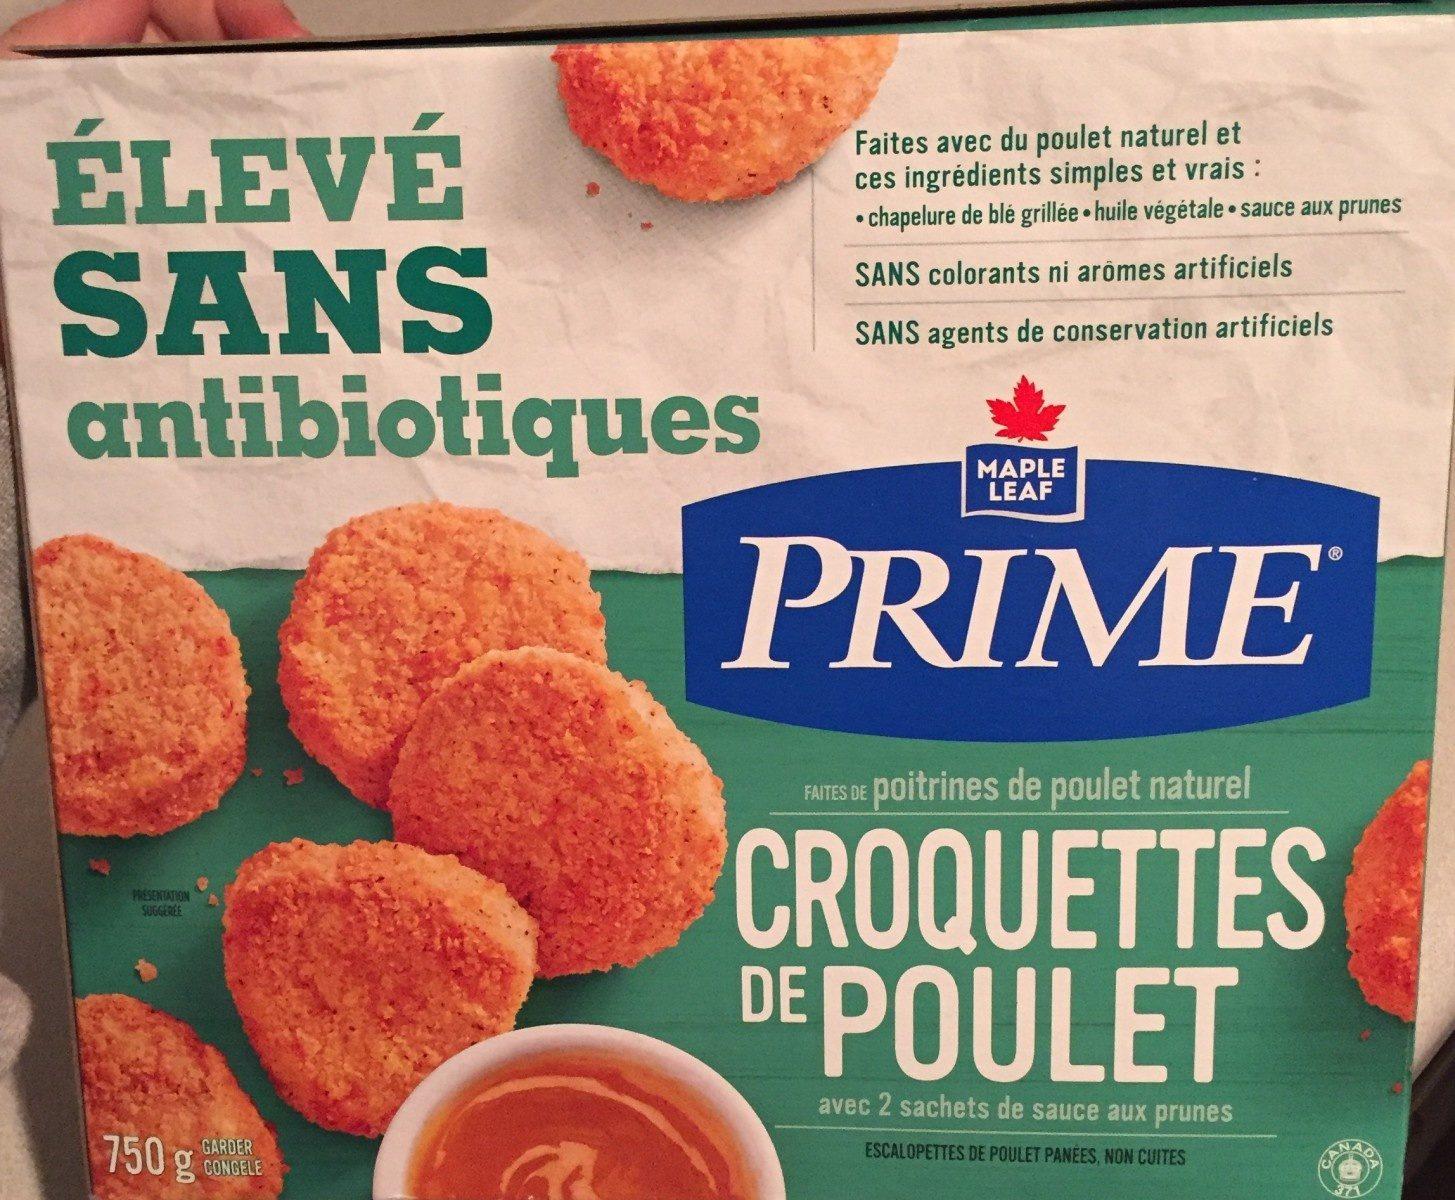 Croquette de poulet - Product - fr